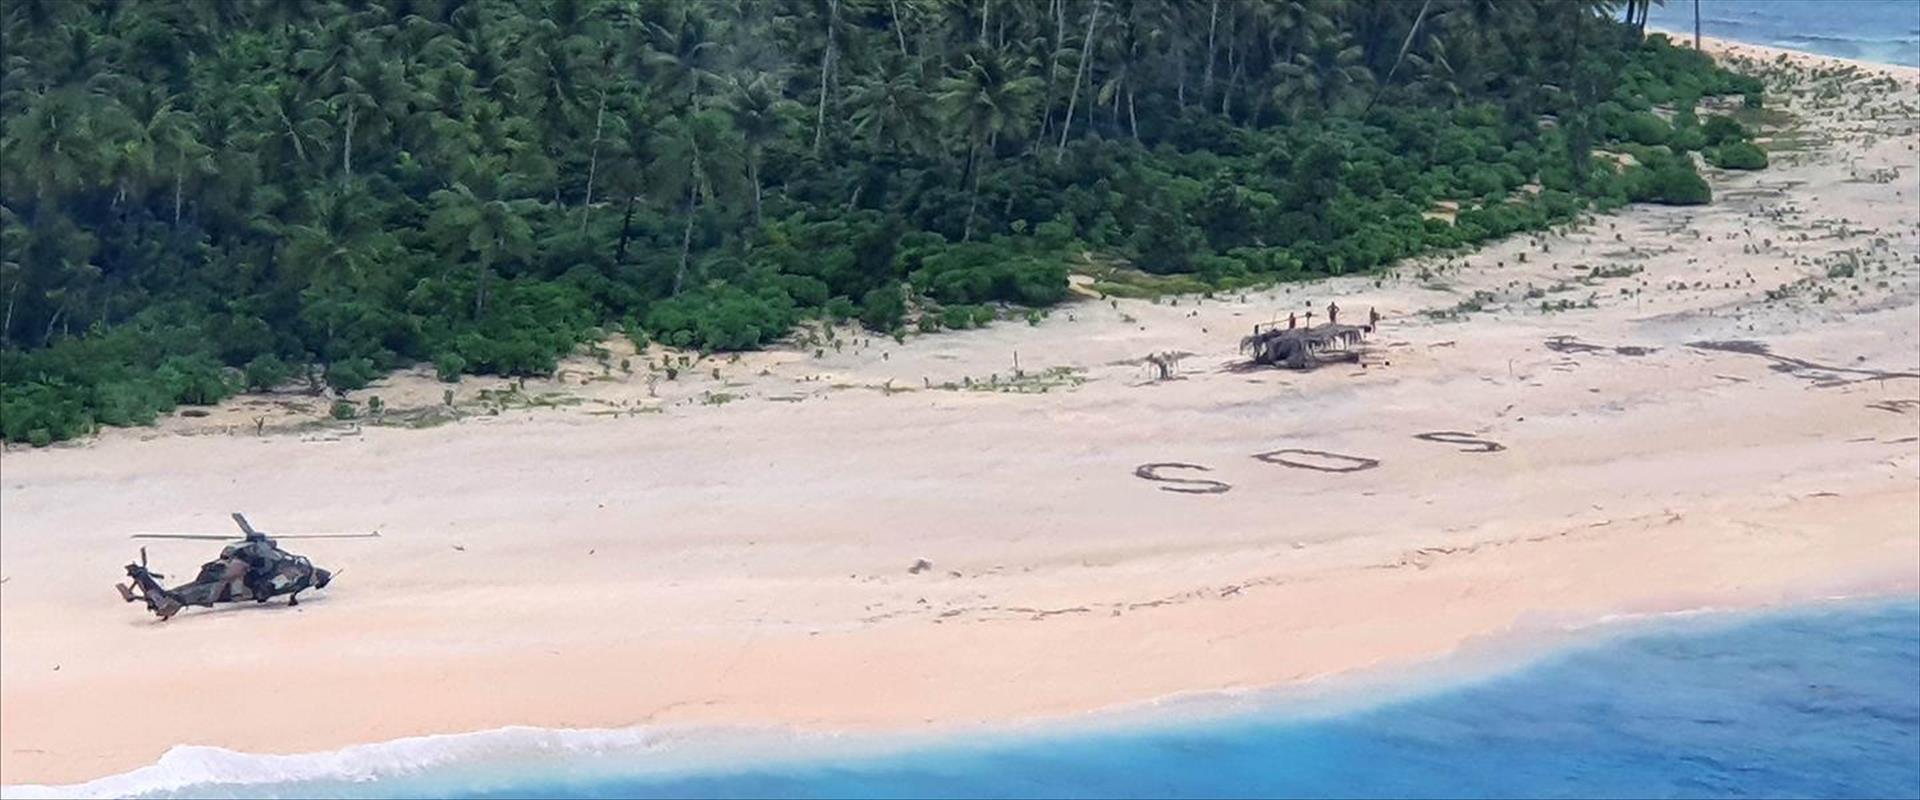 הודעת ה-SOS שציירו שלושה תושבי מיקרונזיה, 02.08.20